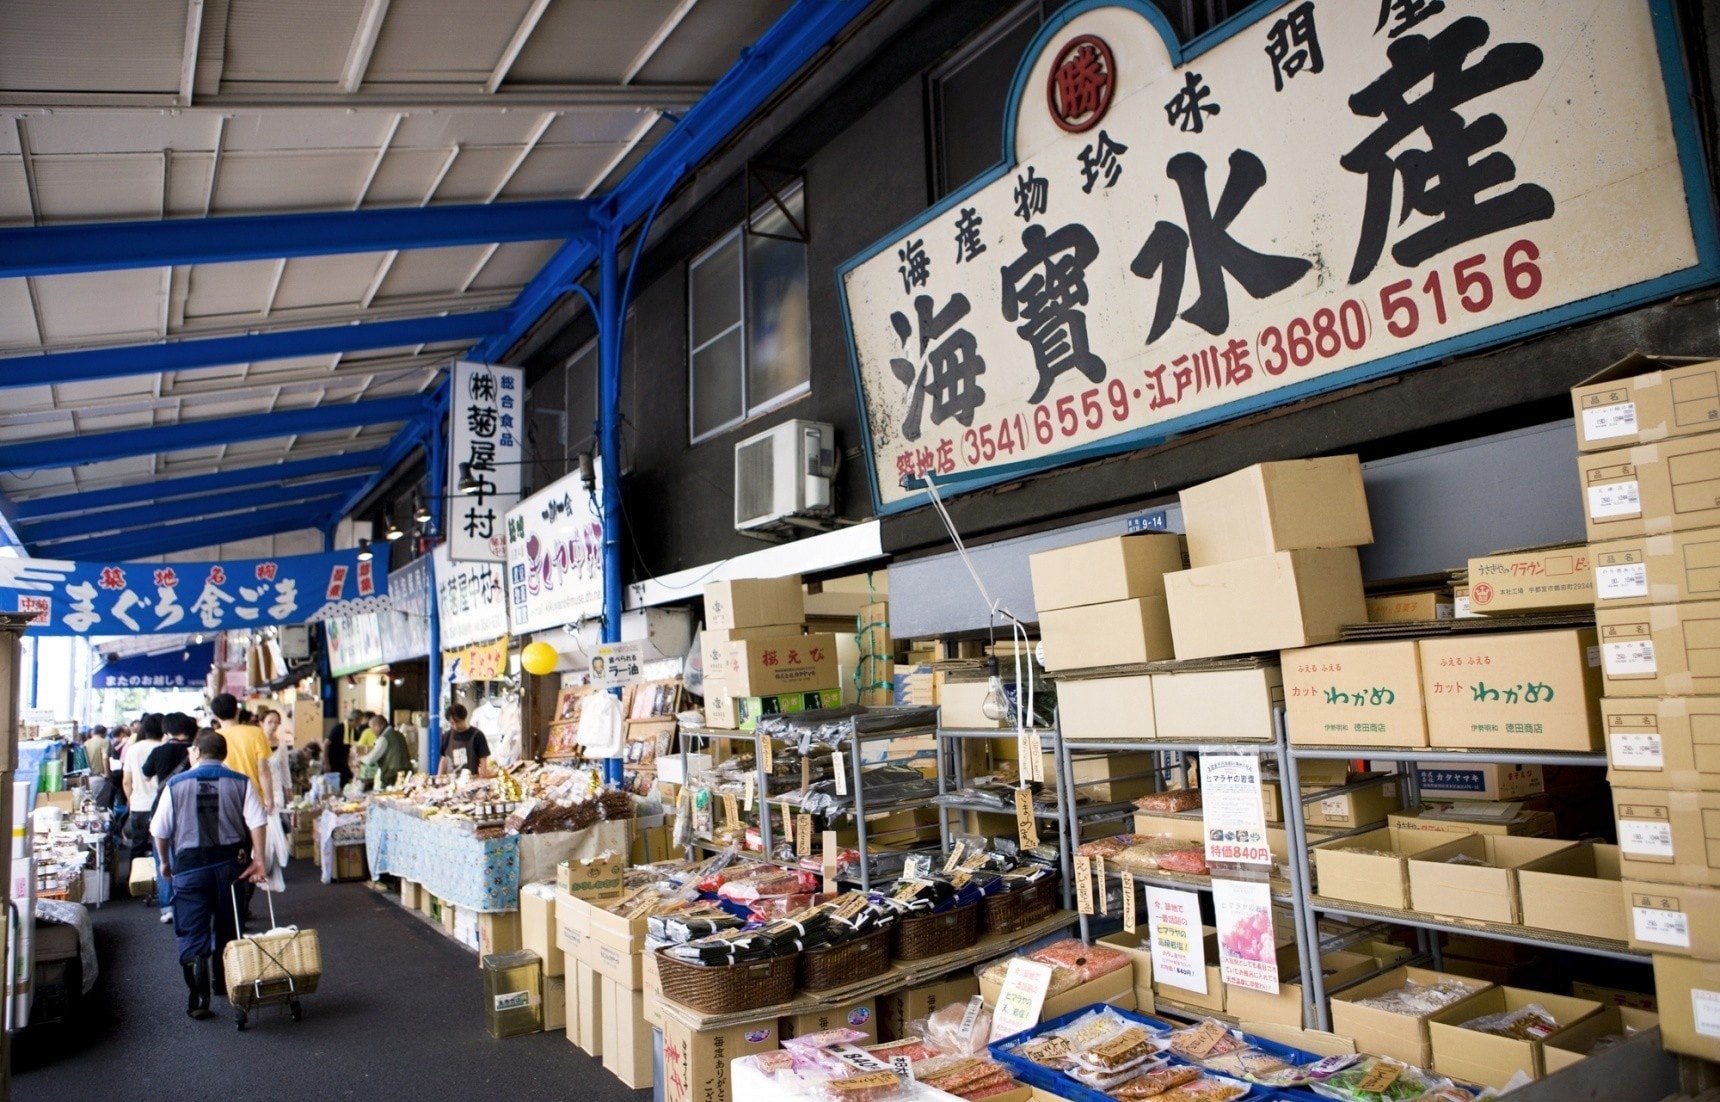 暗號手勢,喊價諜對諜!逛東京豐洲市場前,一定要知道的日本舊築地市場的前世今生